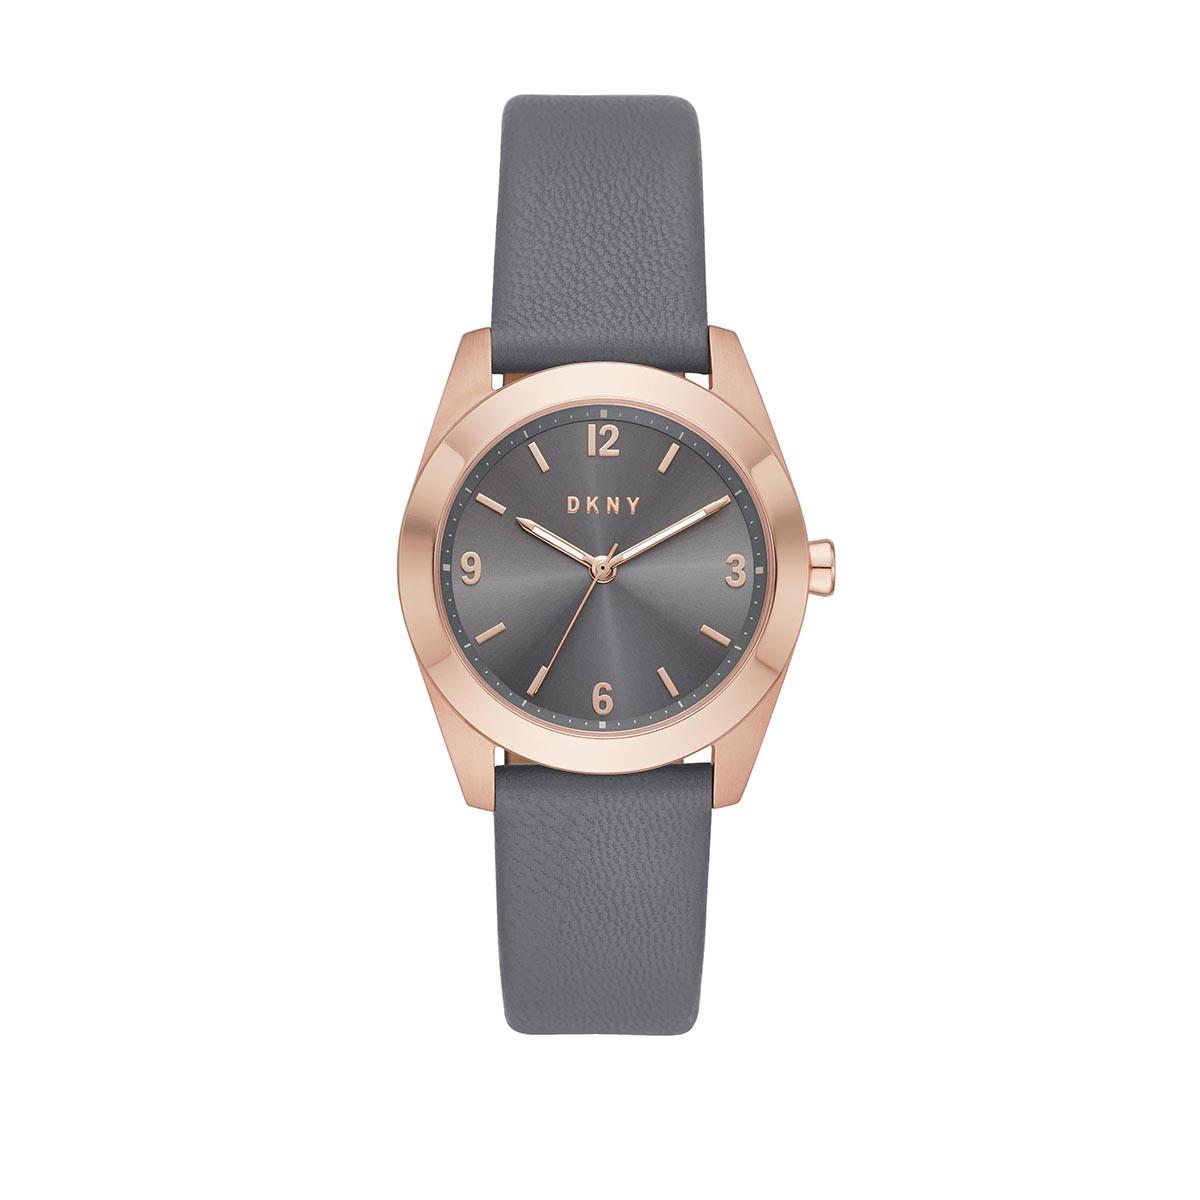 DKNY Uhr - Nolita Watch Rose Gold - in grau - für Damen